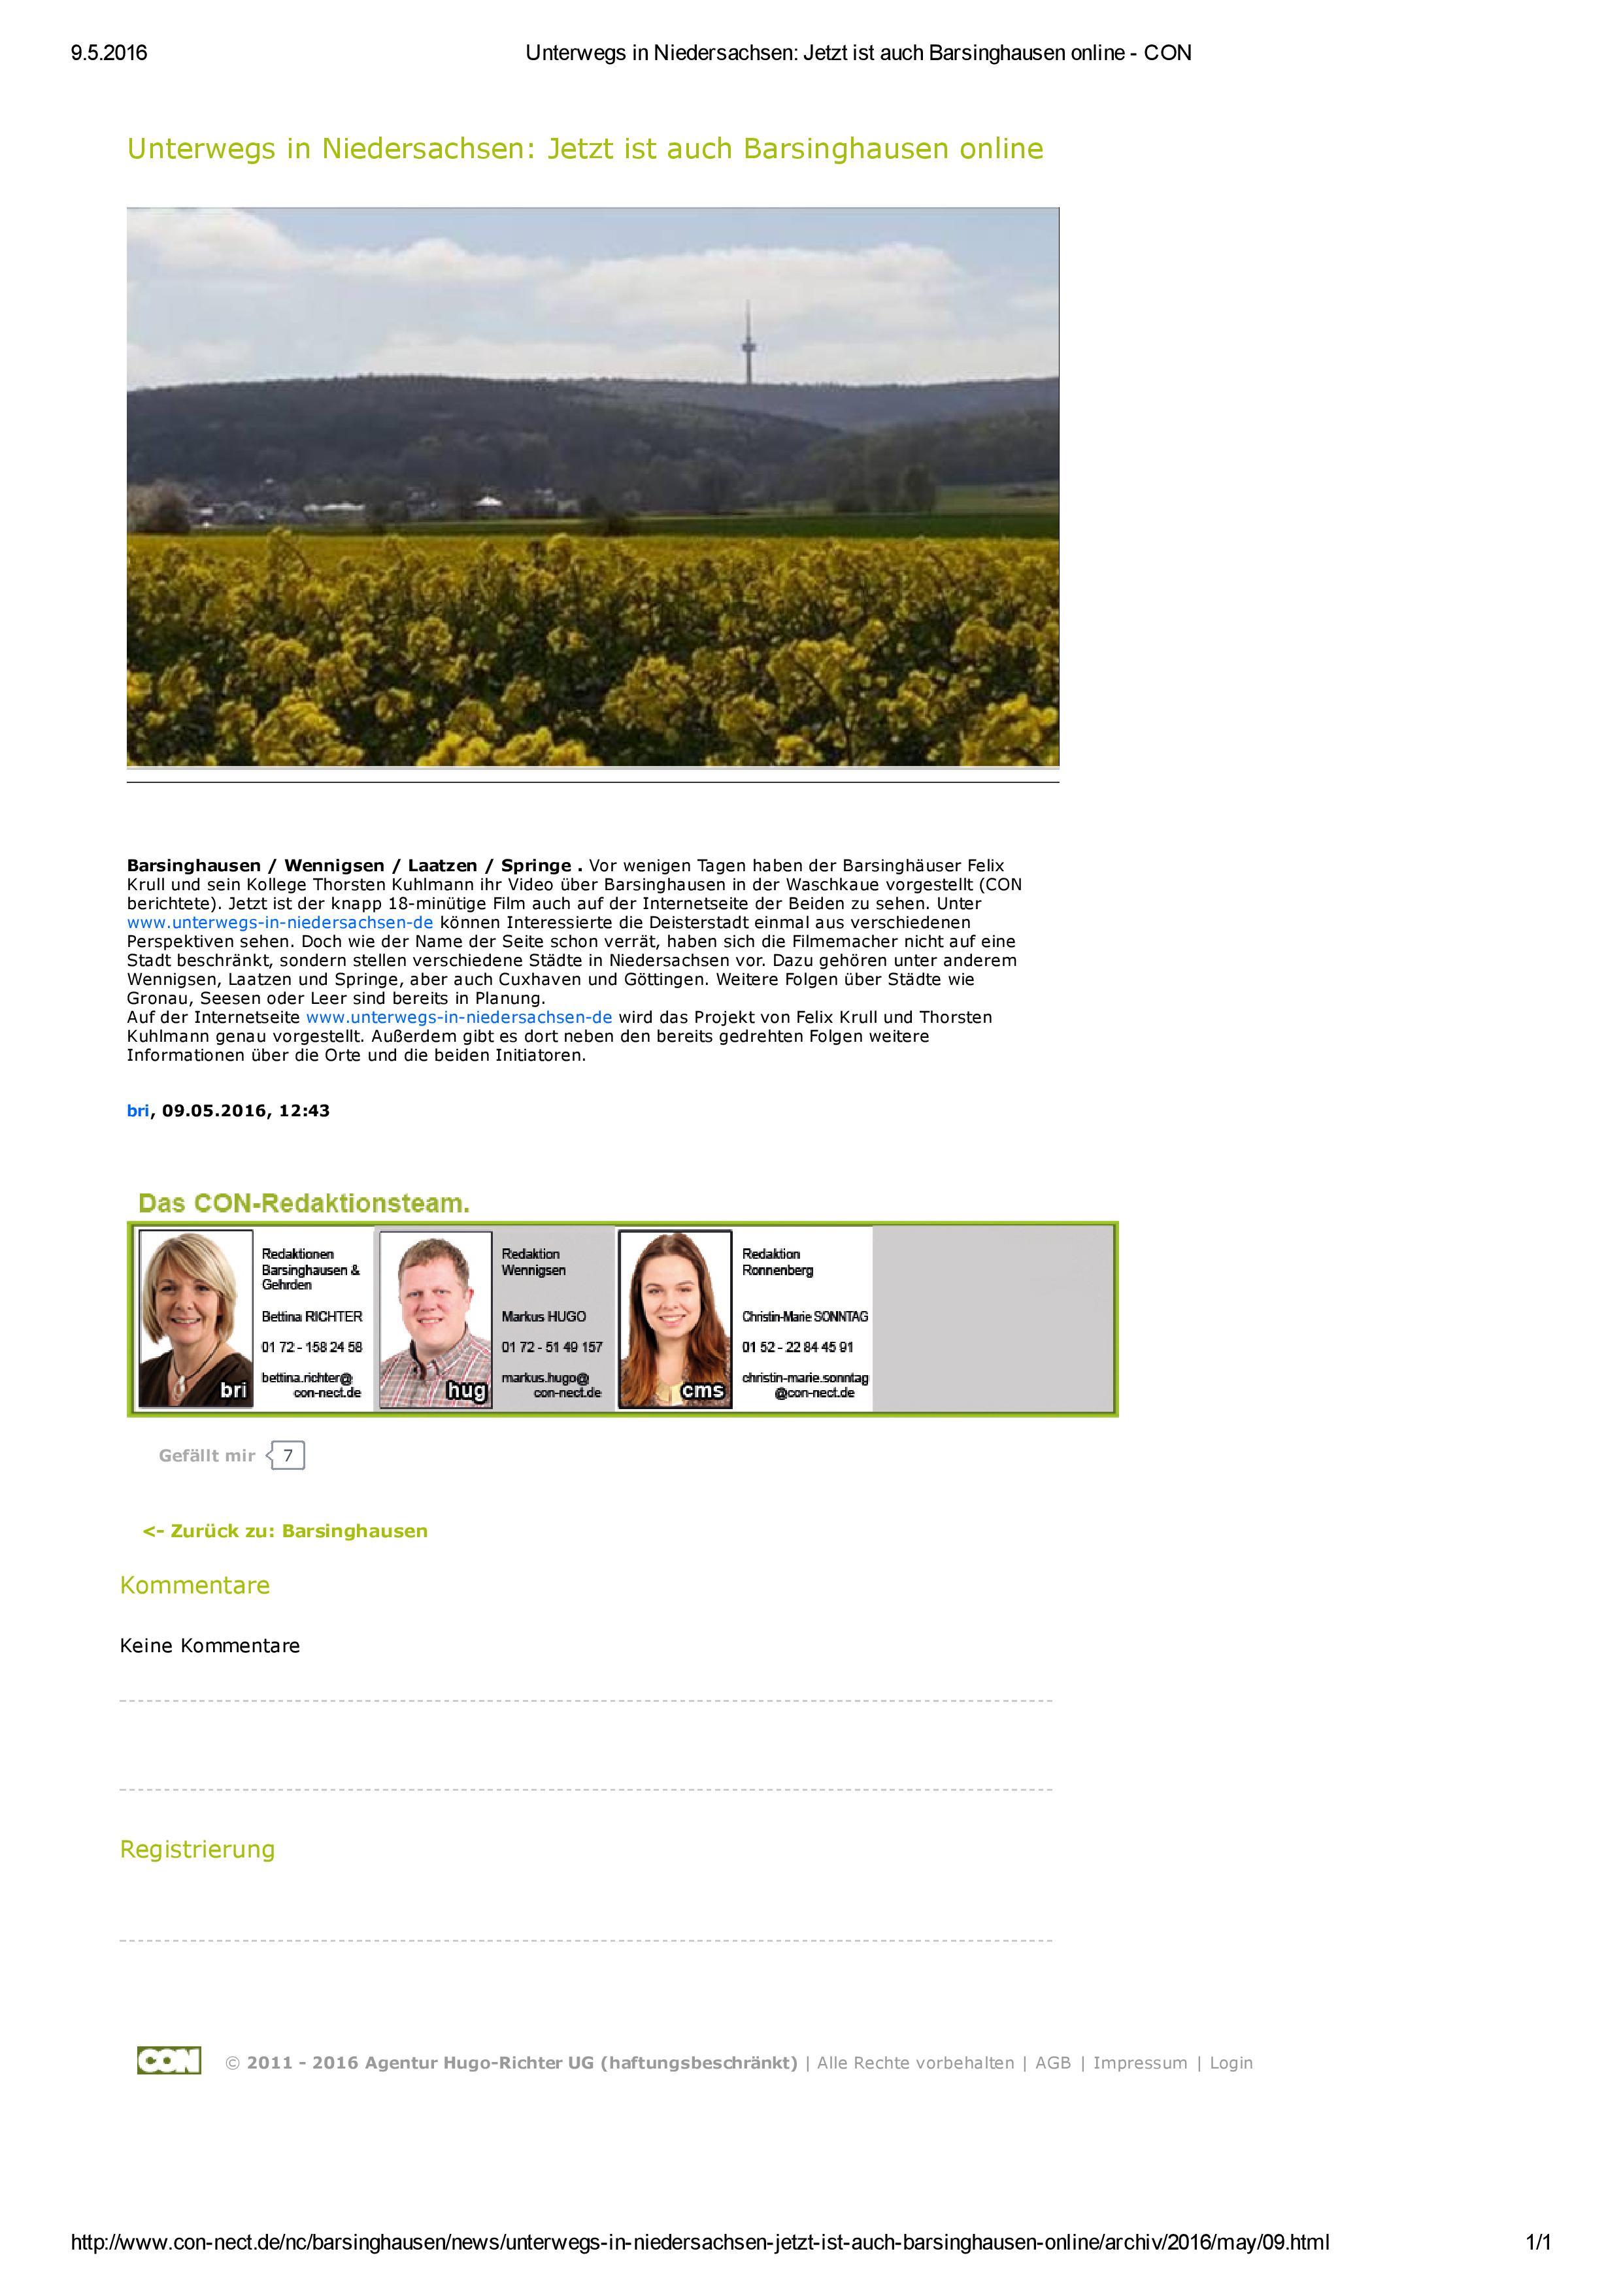 Unterwegs in Niedersachsen: Jetzt ist auch Barsinghausen online